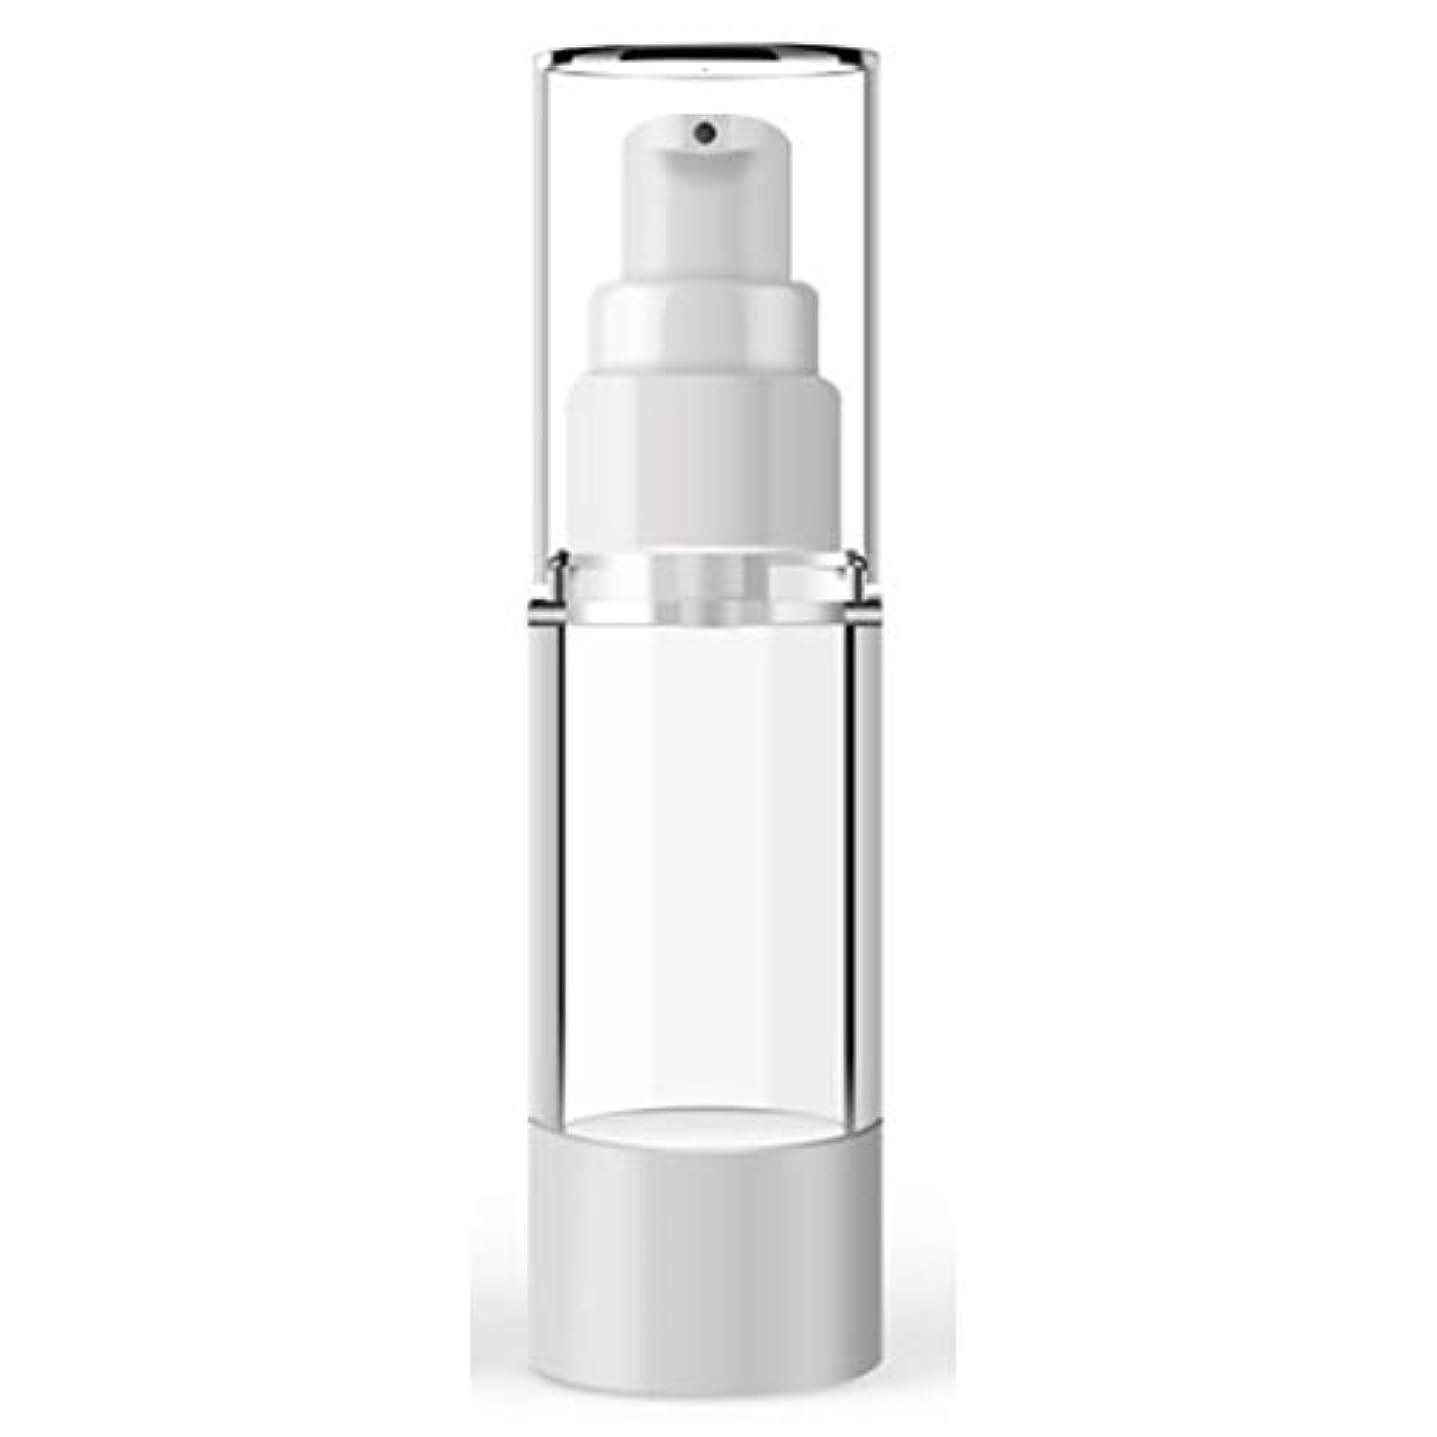 最適お酢謝罪するACHICOO 小分けボトル 15ミリリットル 100ミリリットル プラスチック 化粧品ボトル 詰め替えボトル エマルジョンスプレー 透明 真空容器 100ml flat mouth vacuum lotion bottle